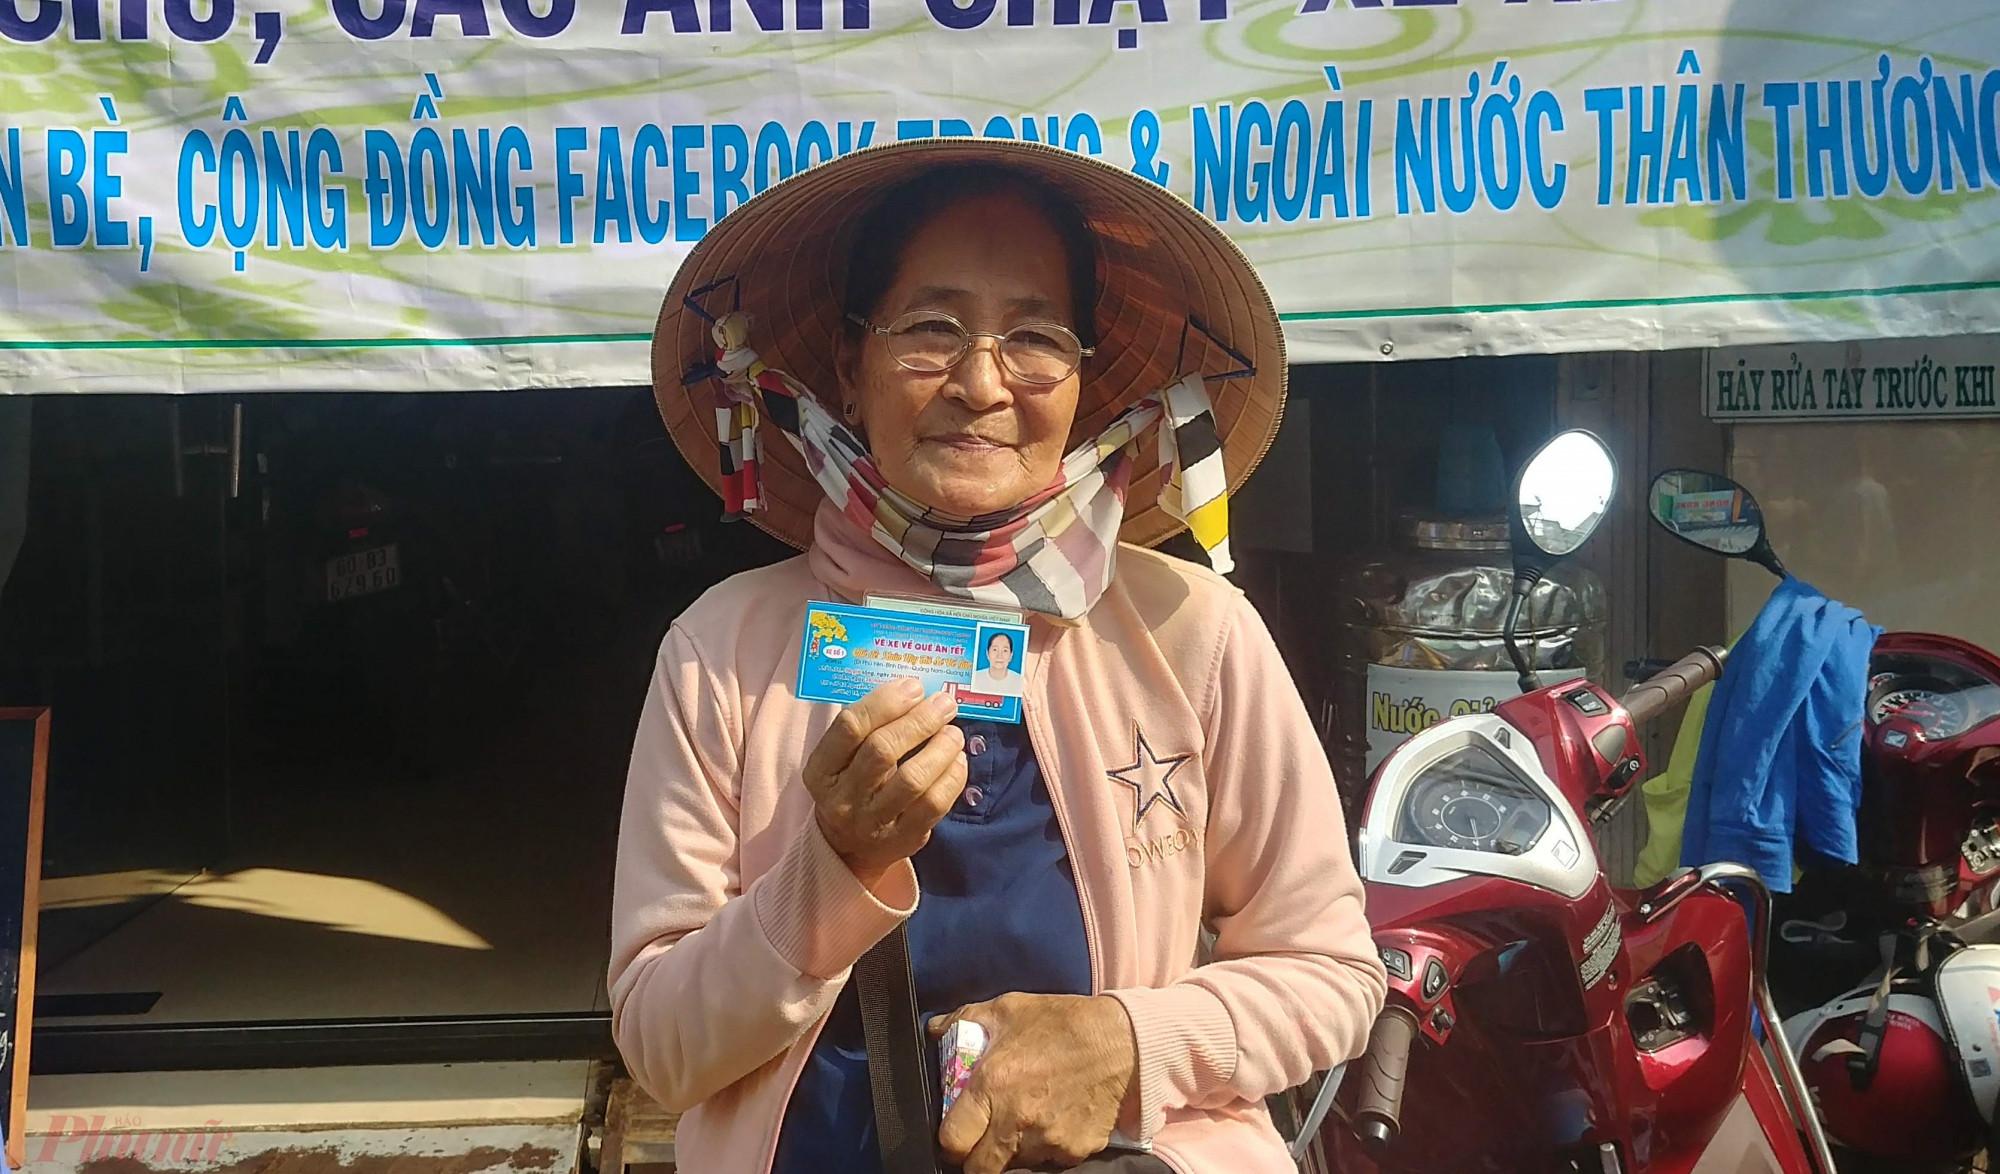 Cô Phan Thị Nay với niềm vui nhận được vé xe hỗ trợ về quê.